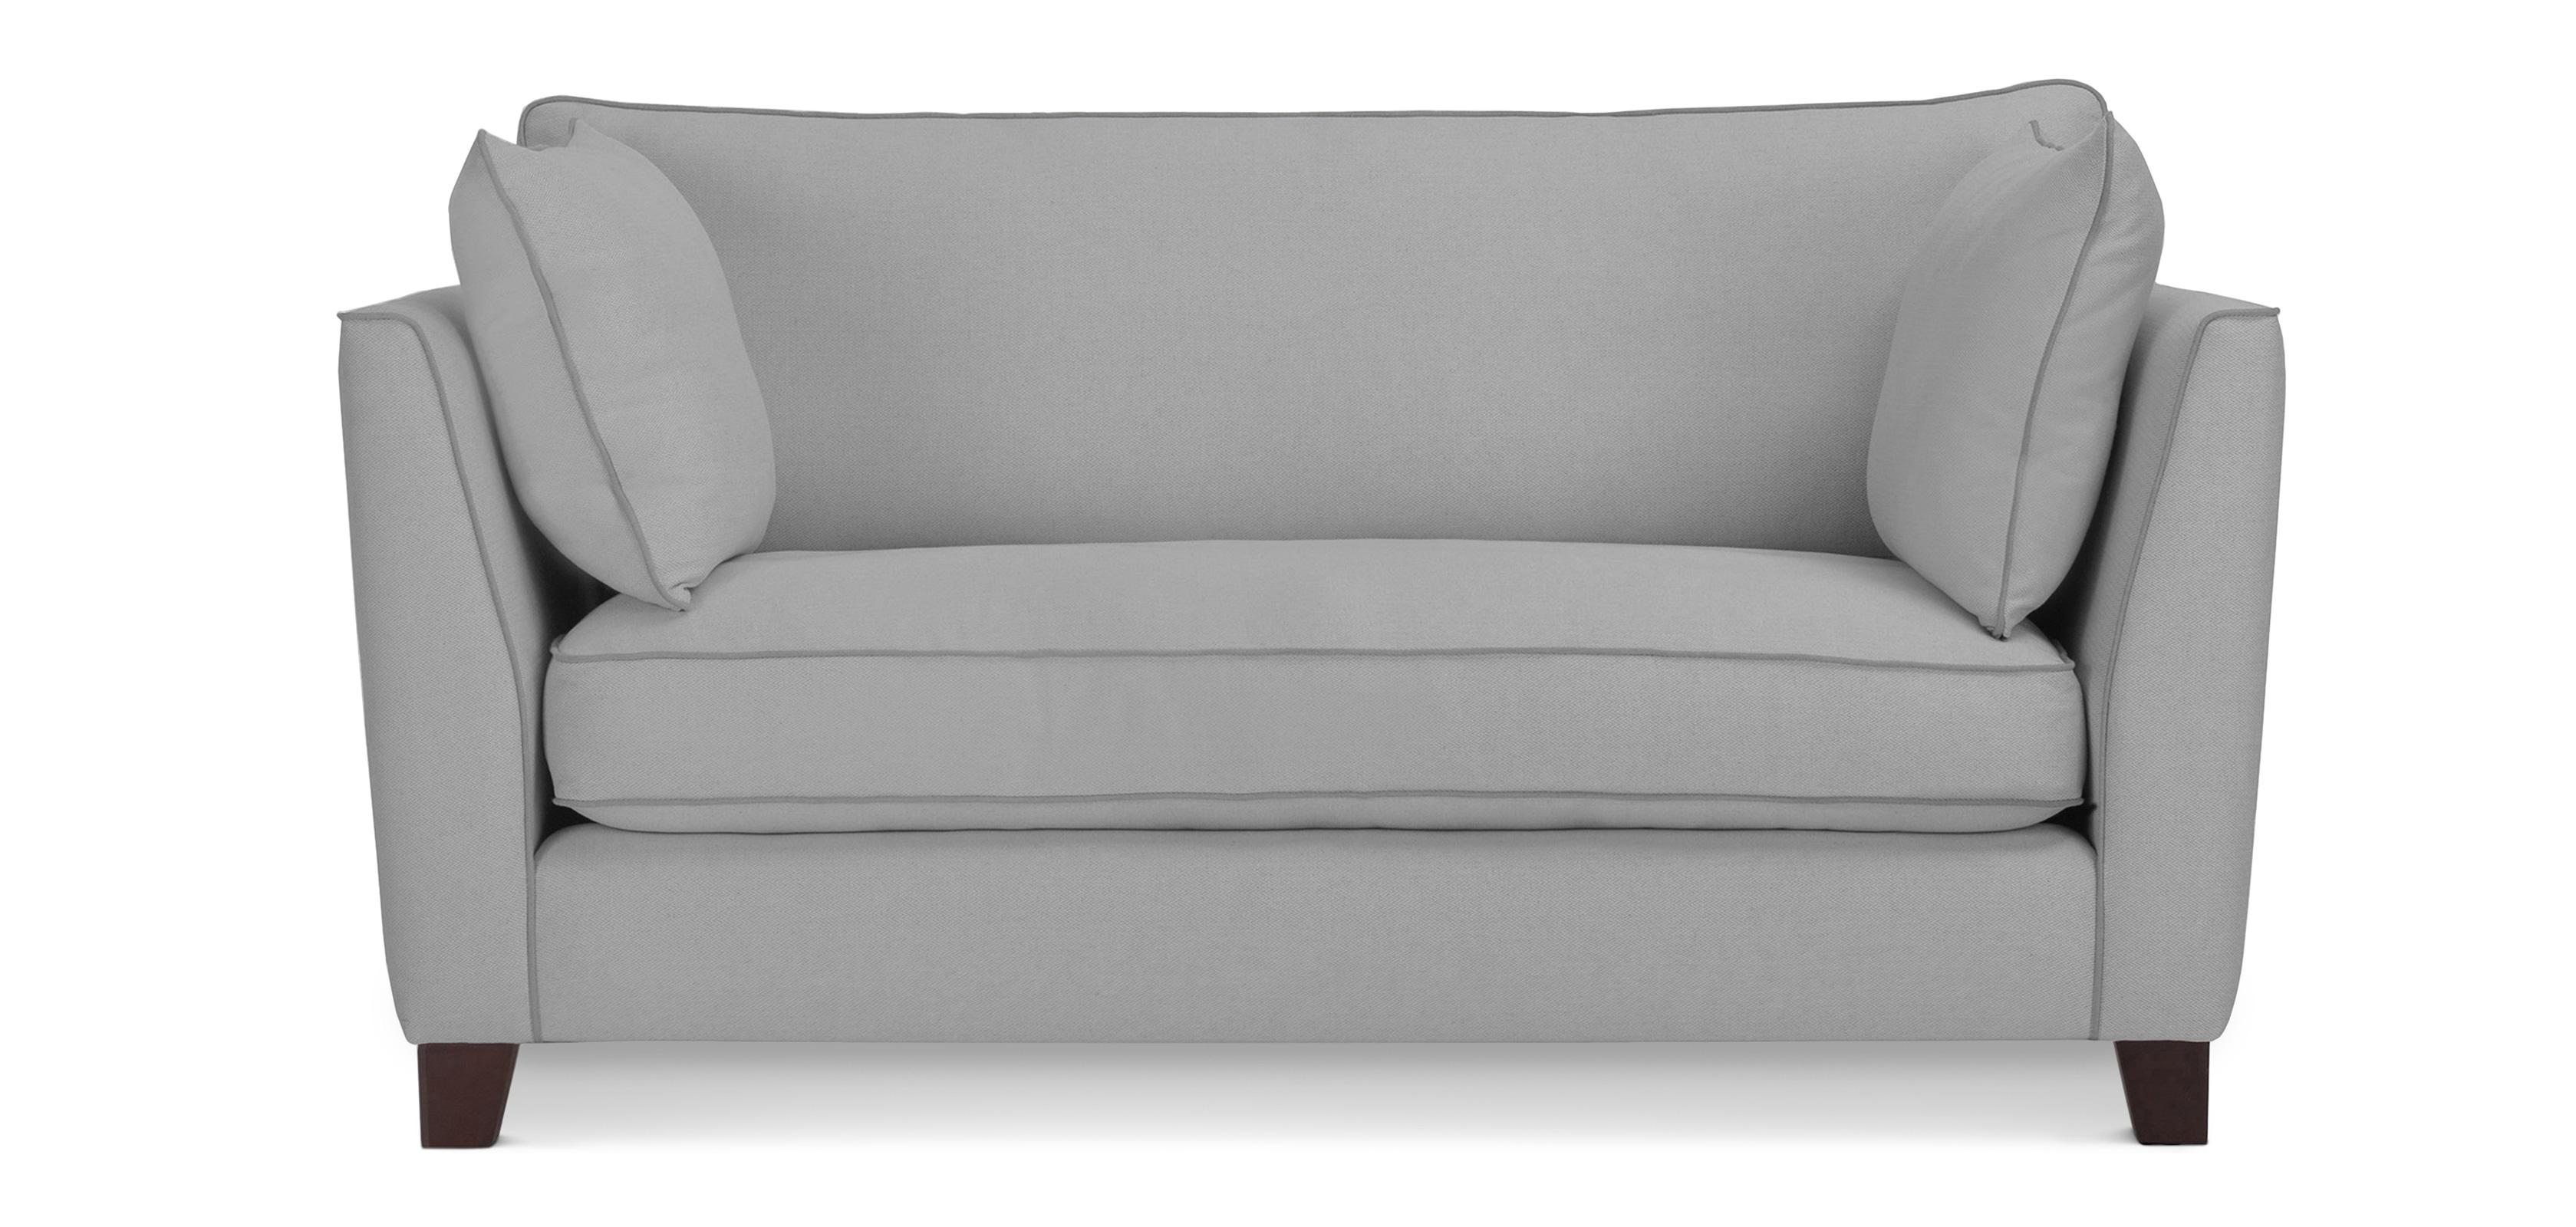 Skandinavisches Design Wohnzimmer-Sofa - Zweisitzer - Stoff